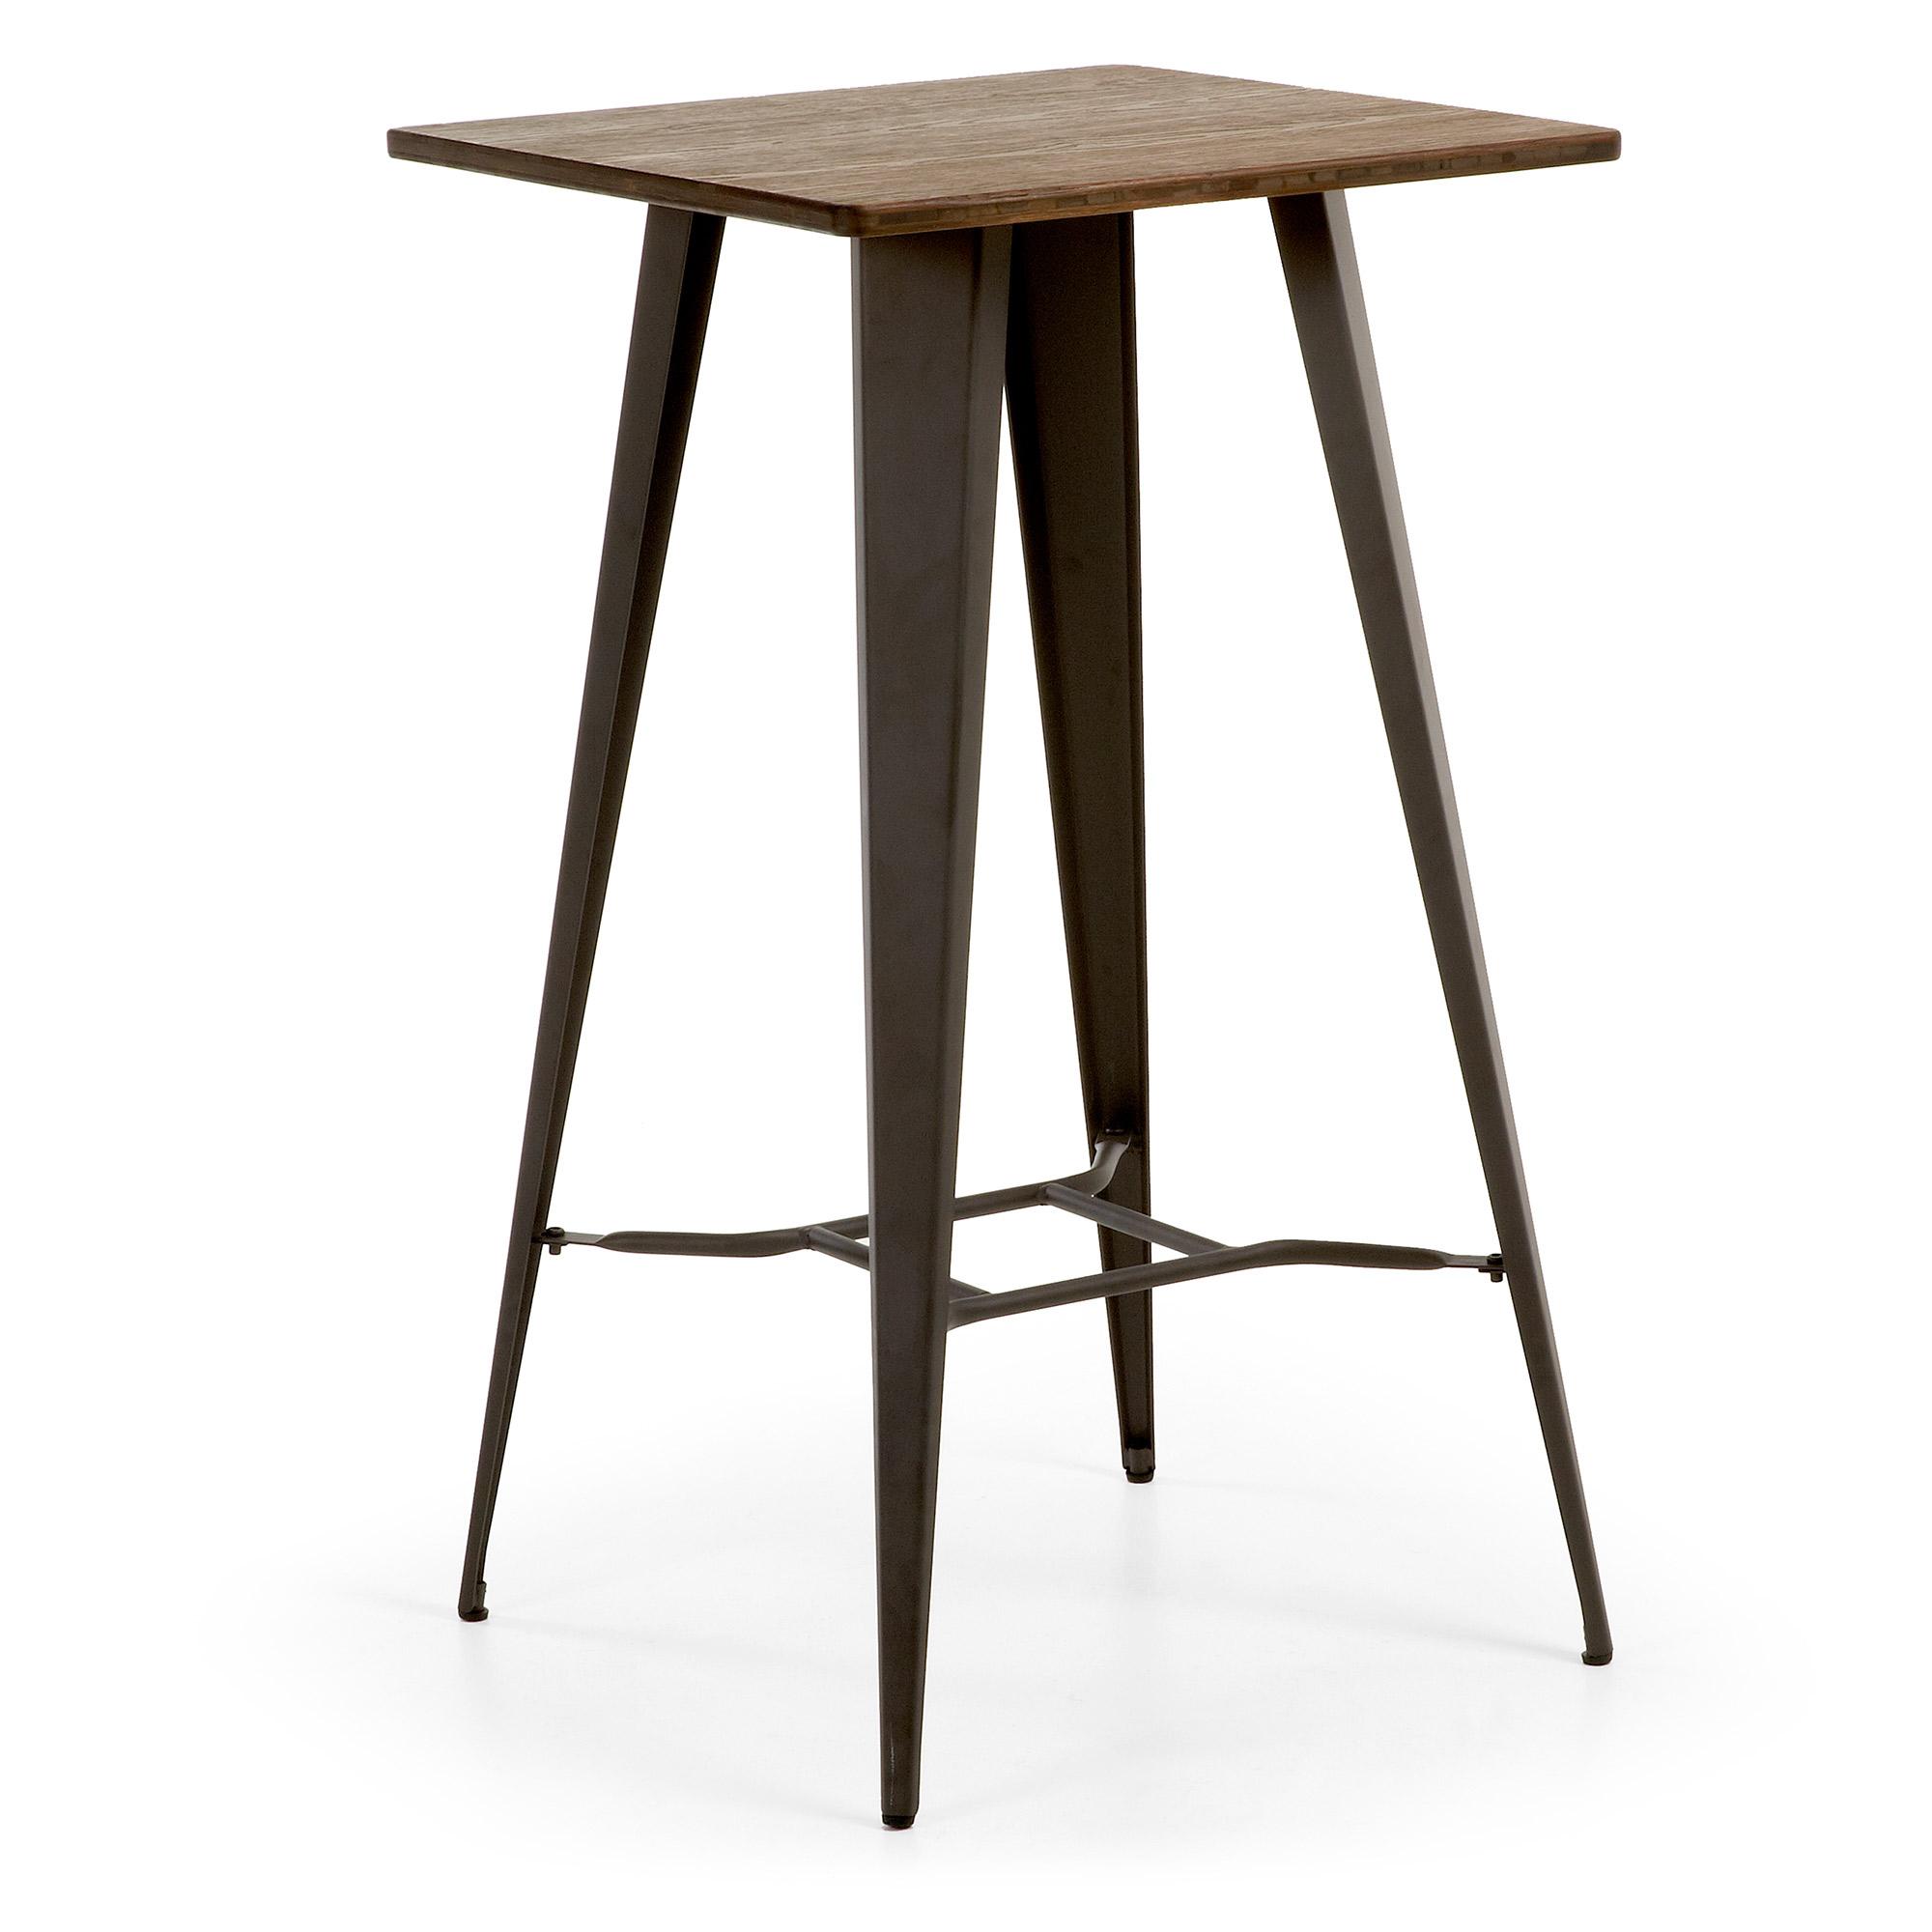 LAFORMA Malibu cafébord - grafitgrå/natur stål/træ, høj